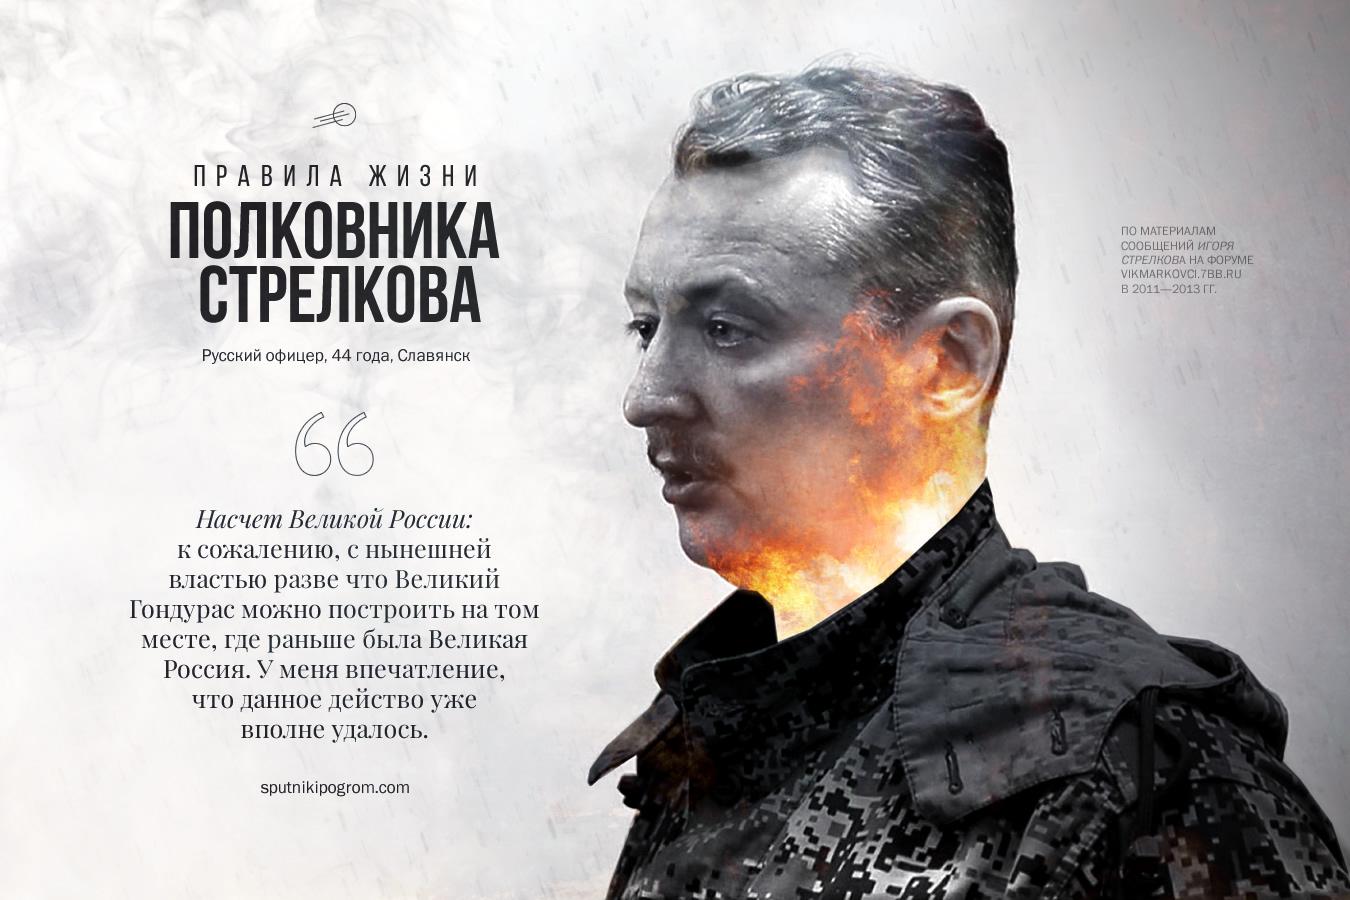 Русская весна на Юго-Востоке Украины (с 12.04.14.) - Страница 7 Pstrelkov